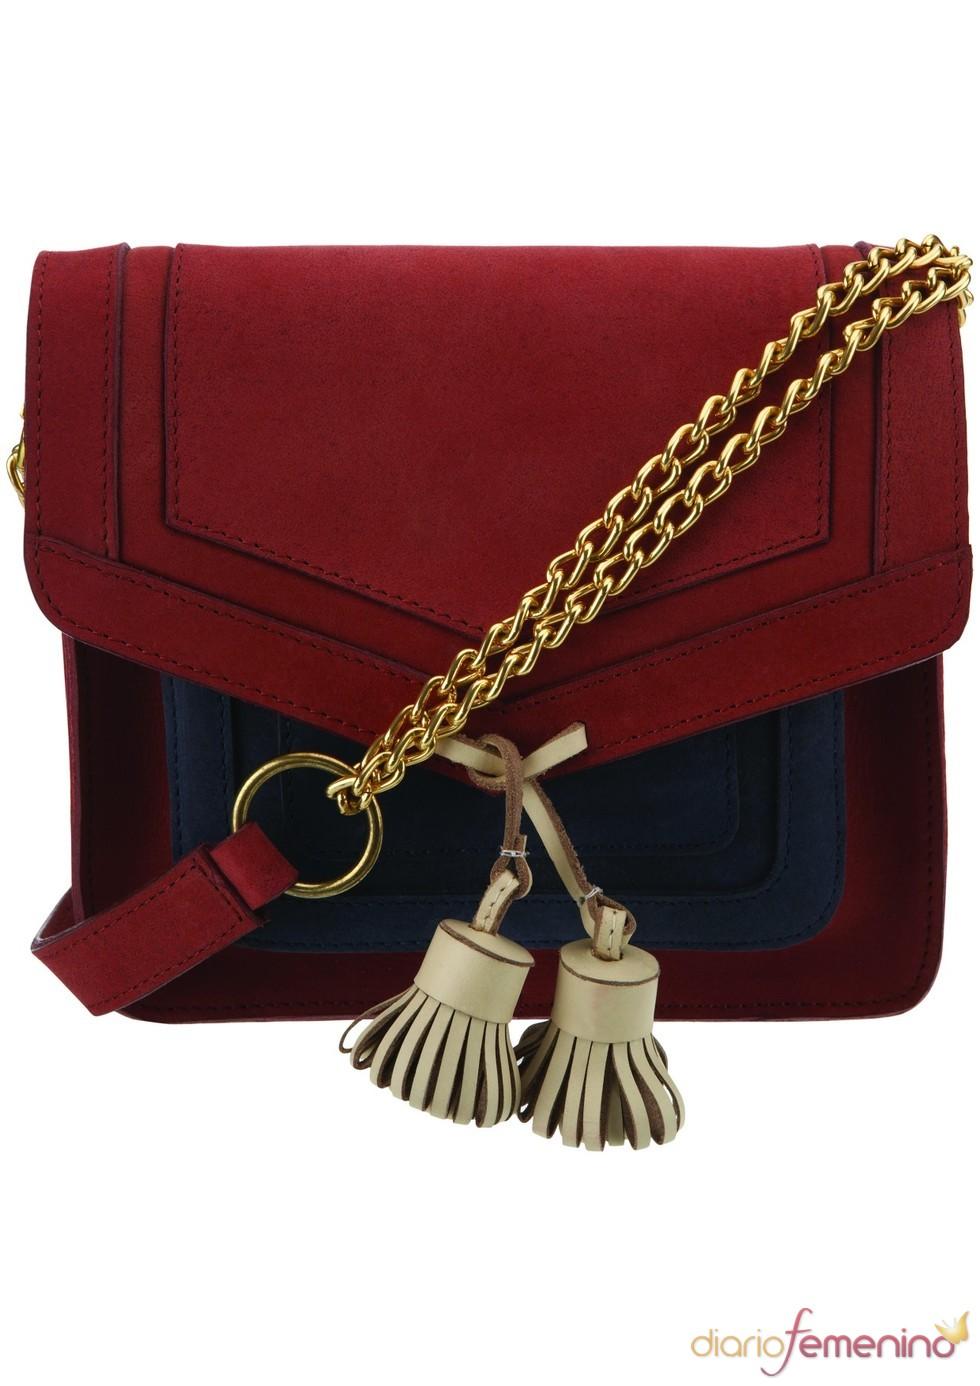 Bolso rojo con cadena dorada de TopShop, 68 euros